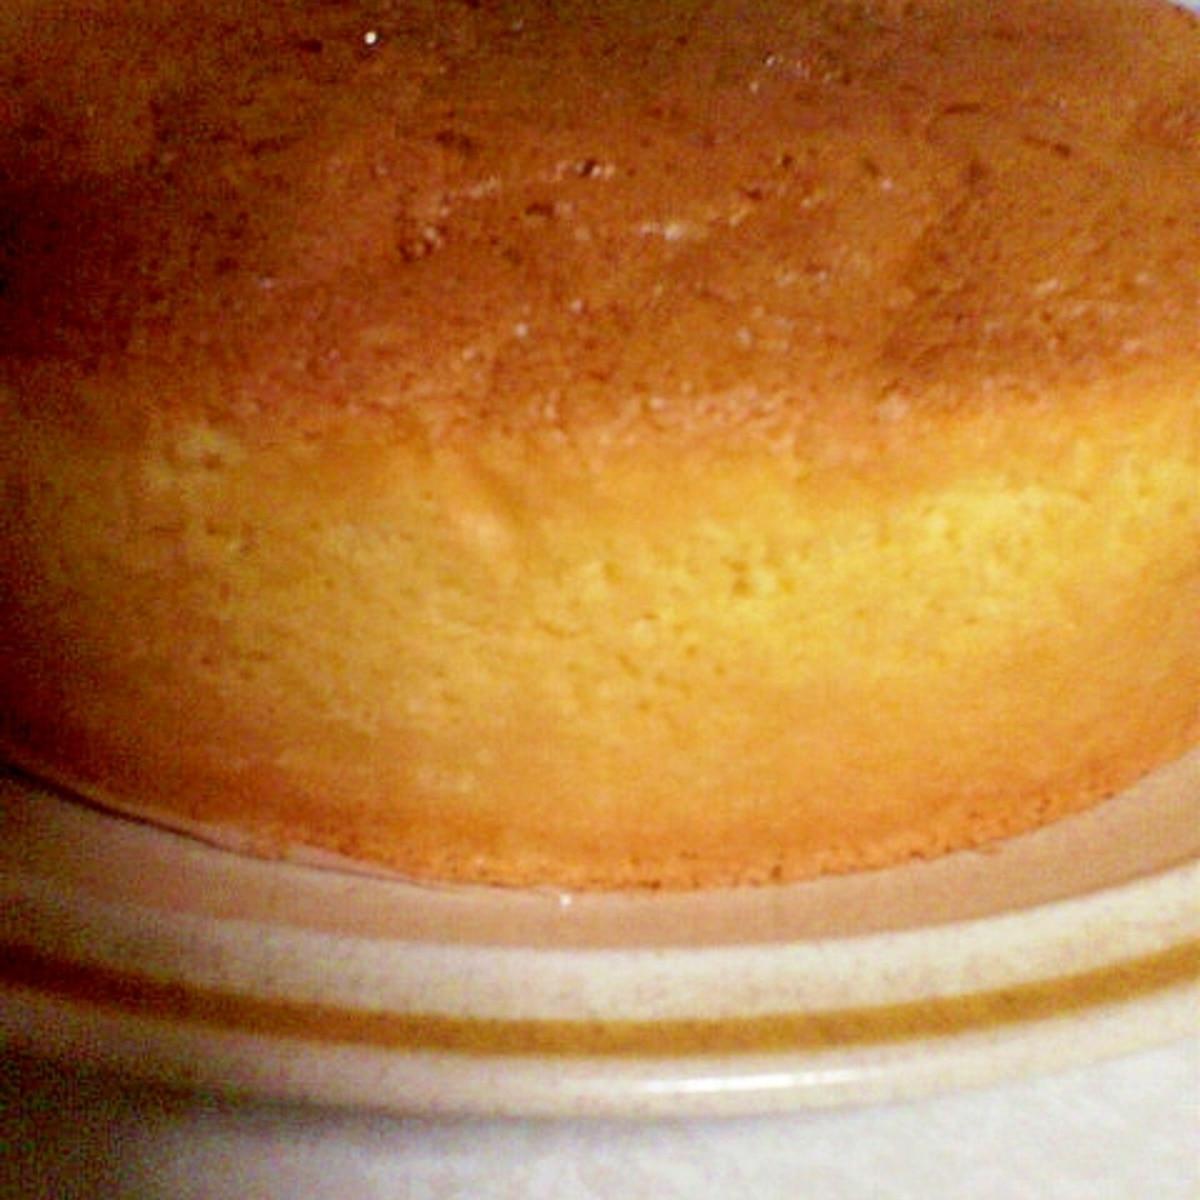 共立て スポンジケーキ 21センチ丸型 レシピ 作り方 By ムーミンママ24 楽天レシピ